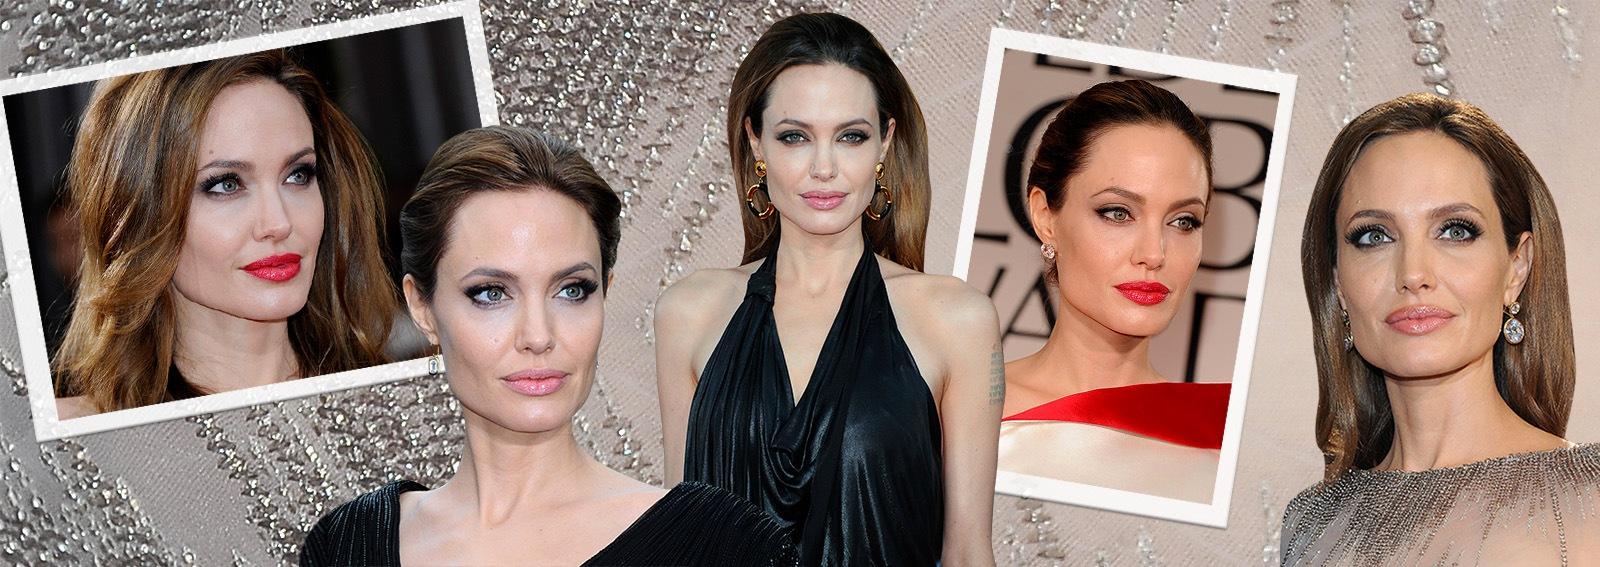 cover-Angelina Jolie trucco i beauty look a cui ispirarsi-desktop